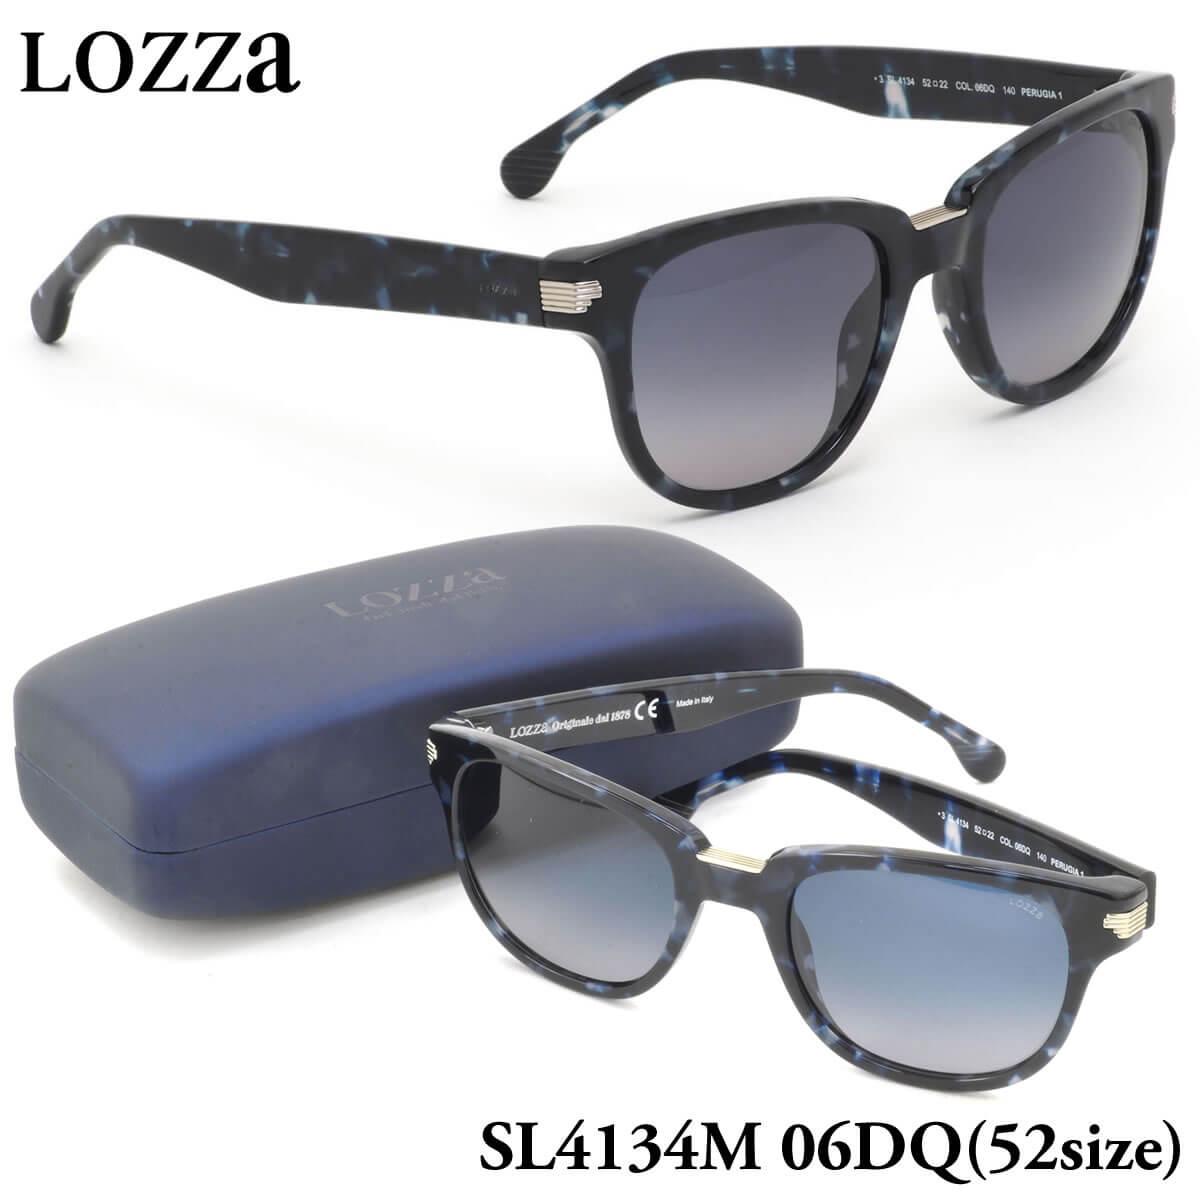 【10月30日からエントリーで全品ポイント20倍】【ロッツァ】 (LOZZA) サングラスSL4134M 06DQ 52サイズPERUGIA 1 LOZZA メンズ レディース